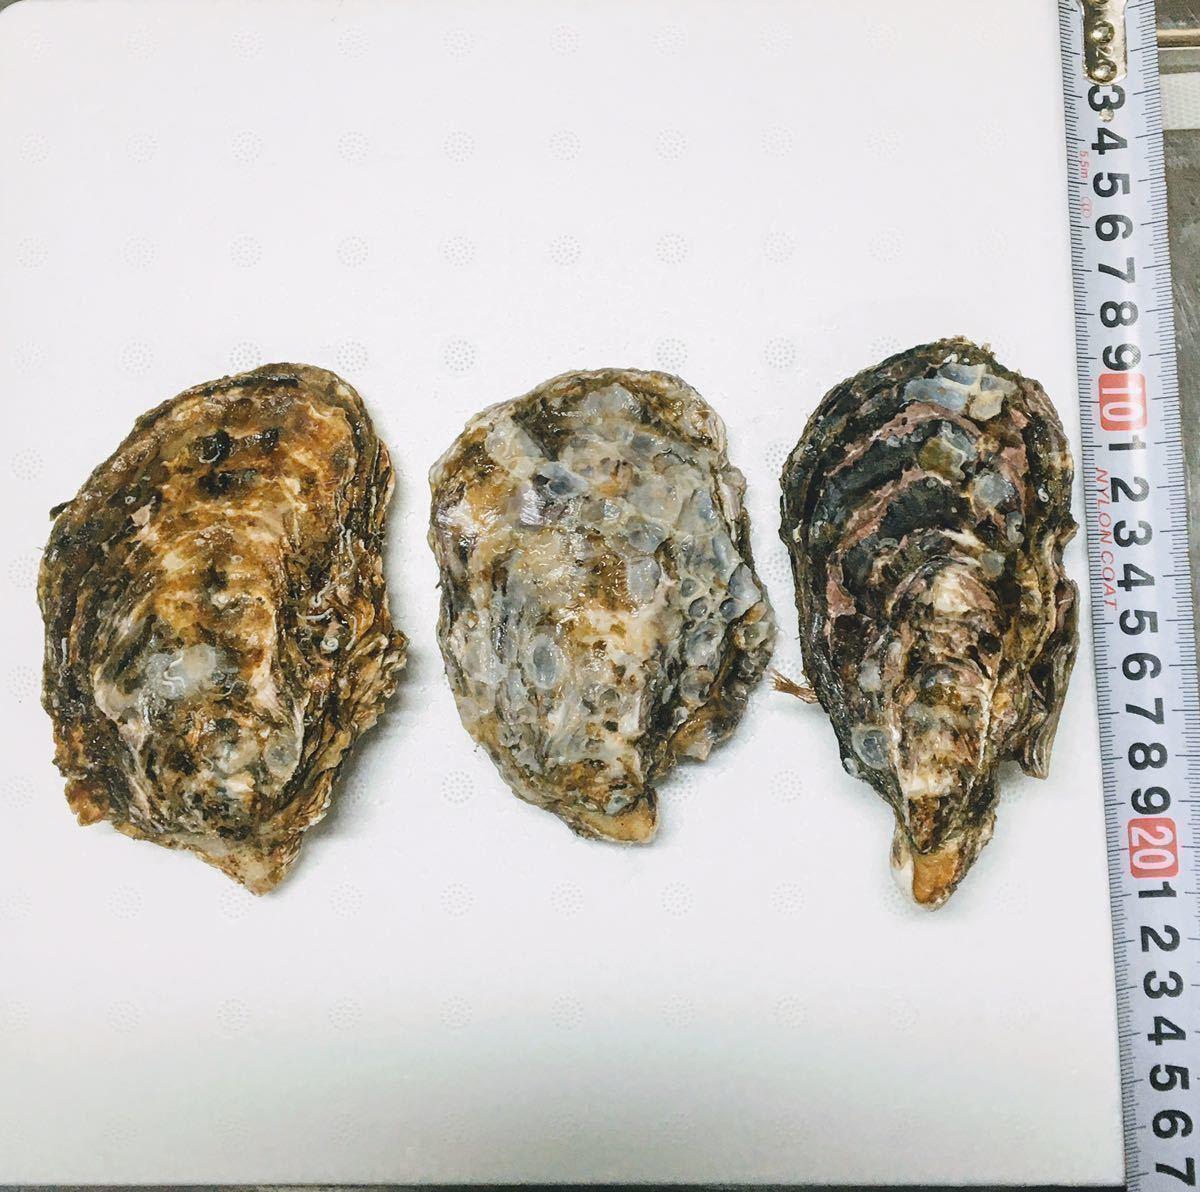 広島県産 殻付き牡蠣 38~40個 加熱用 カンカン焼き 産地直送 海のミルク 真牡蠣 送料無料 在庫一掃SALE_画像2